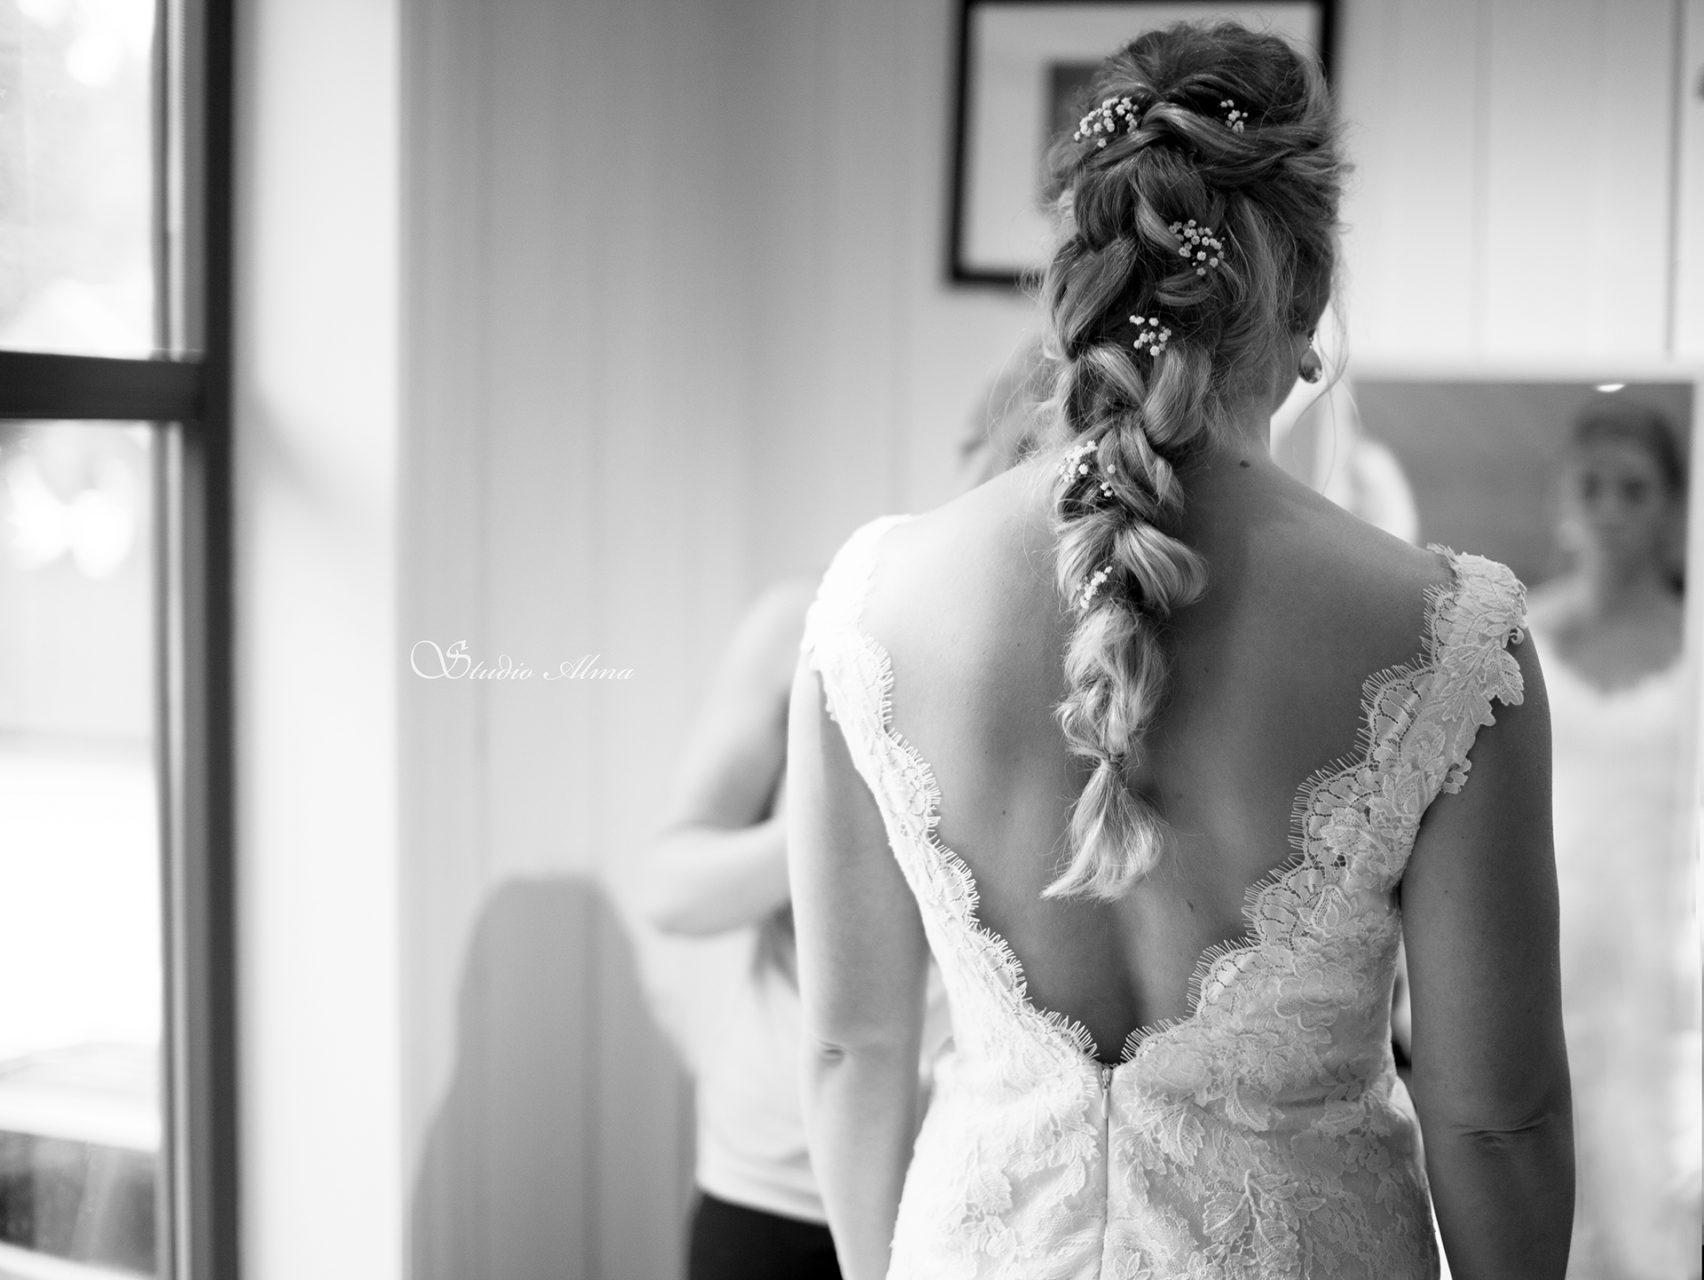 Brud-bryllup-fotograf-studioalma